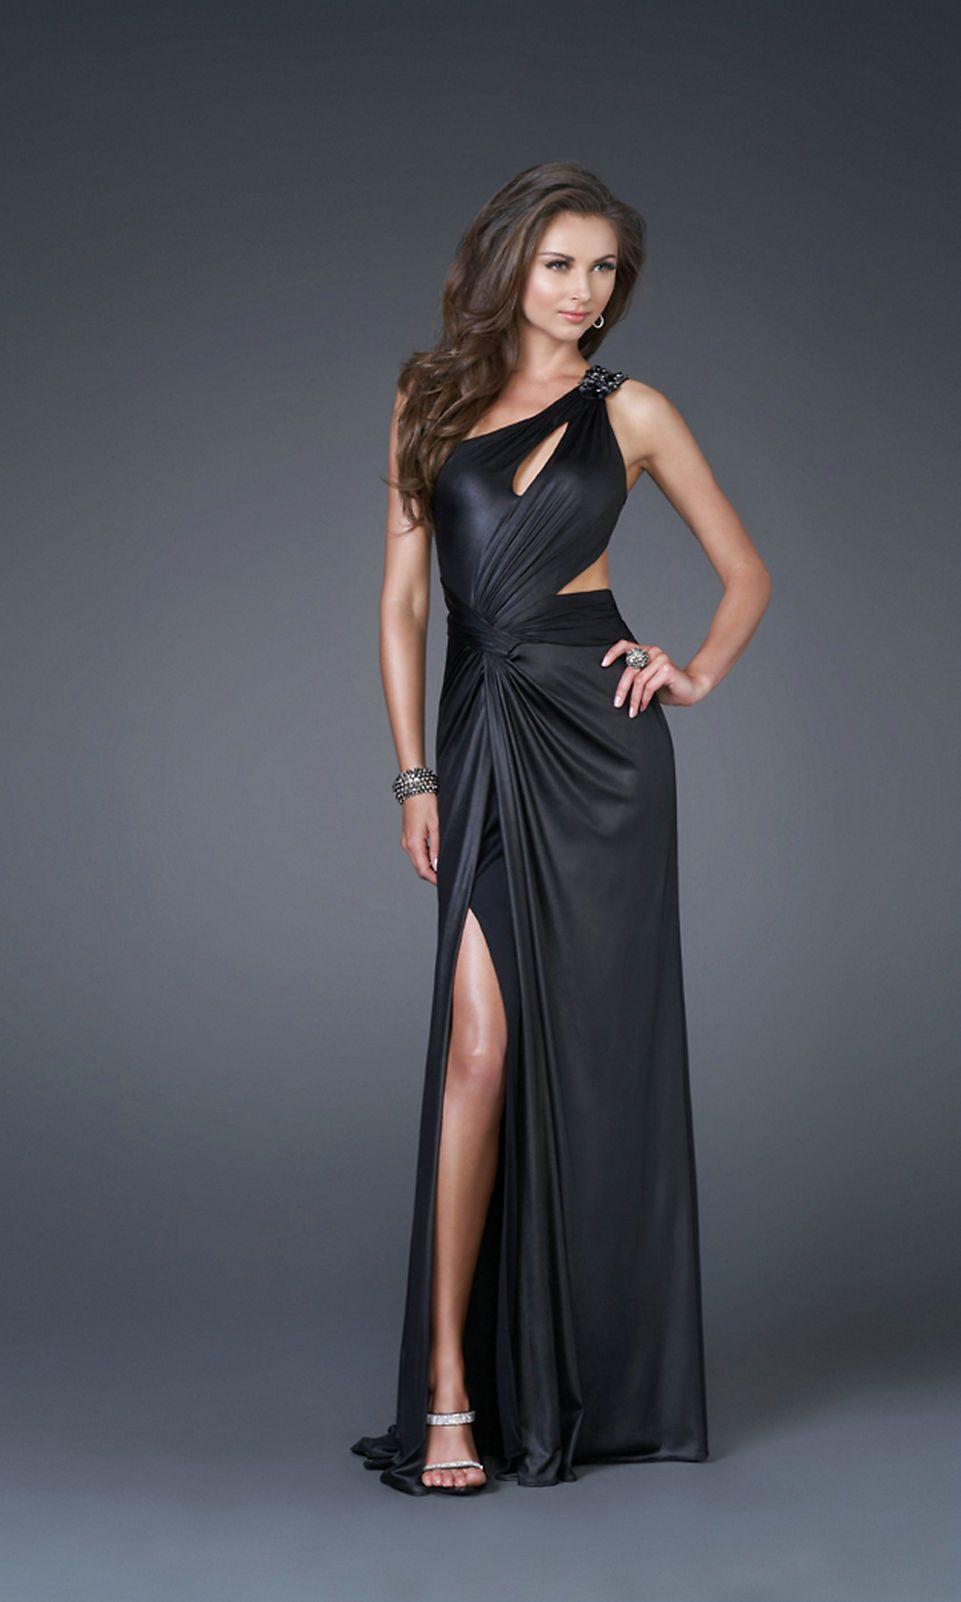 Designer Einfach Schöne Schwarze Kleider StylishAbend Schön Schöne Schwarze Kleider Vertrieb